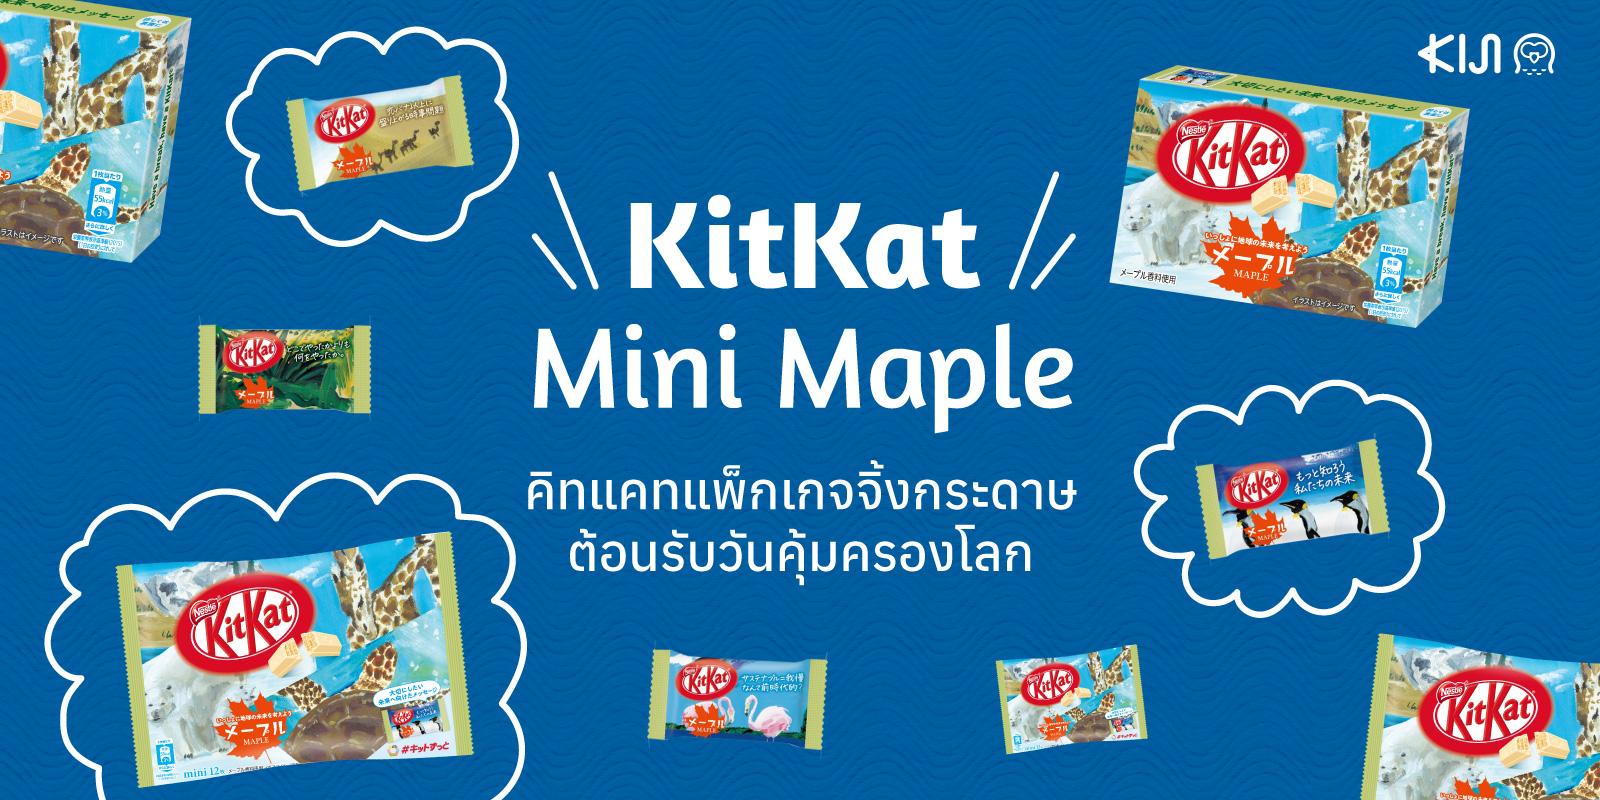 KitKat Mini Maple คิทแคทญี่ปุ่น